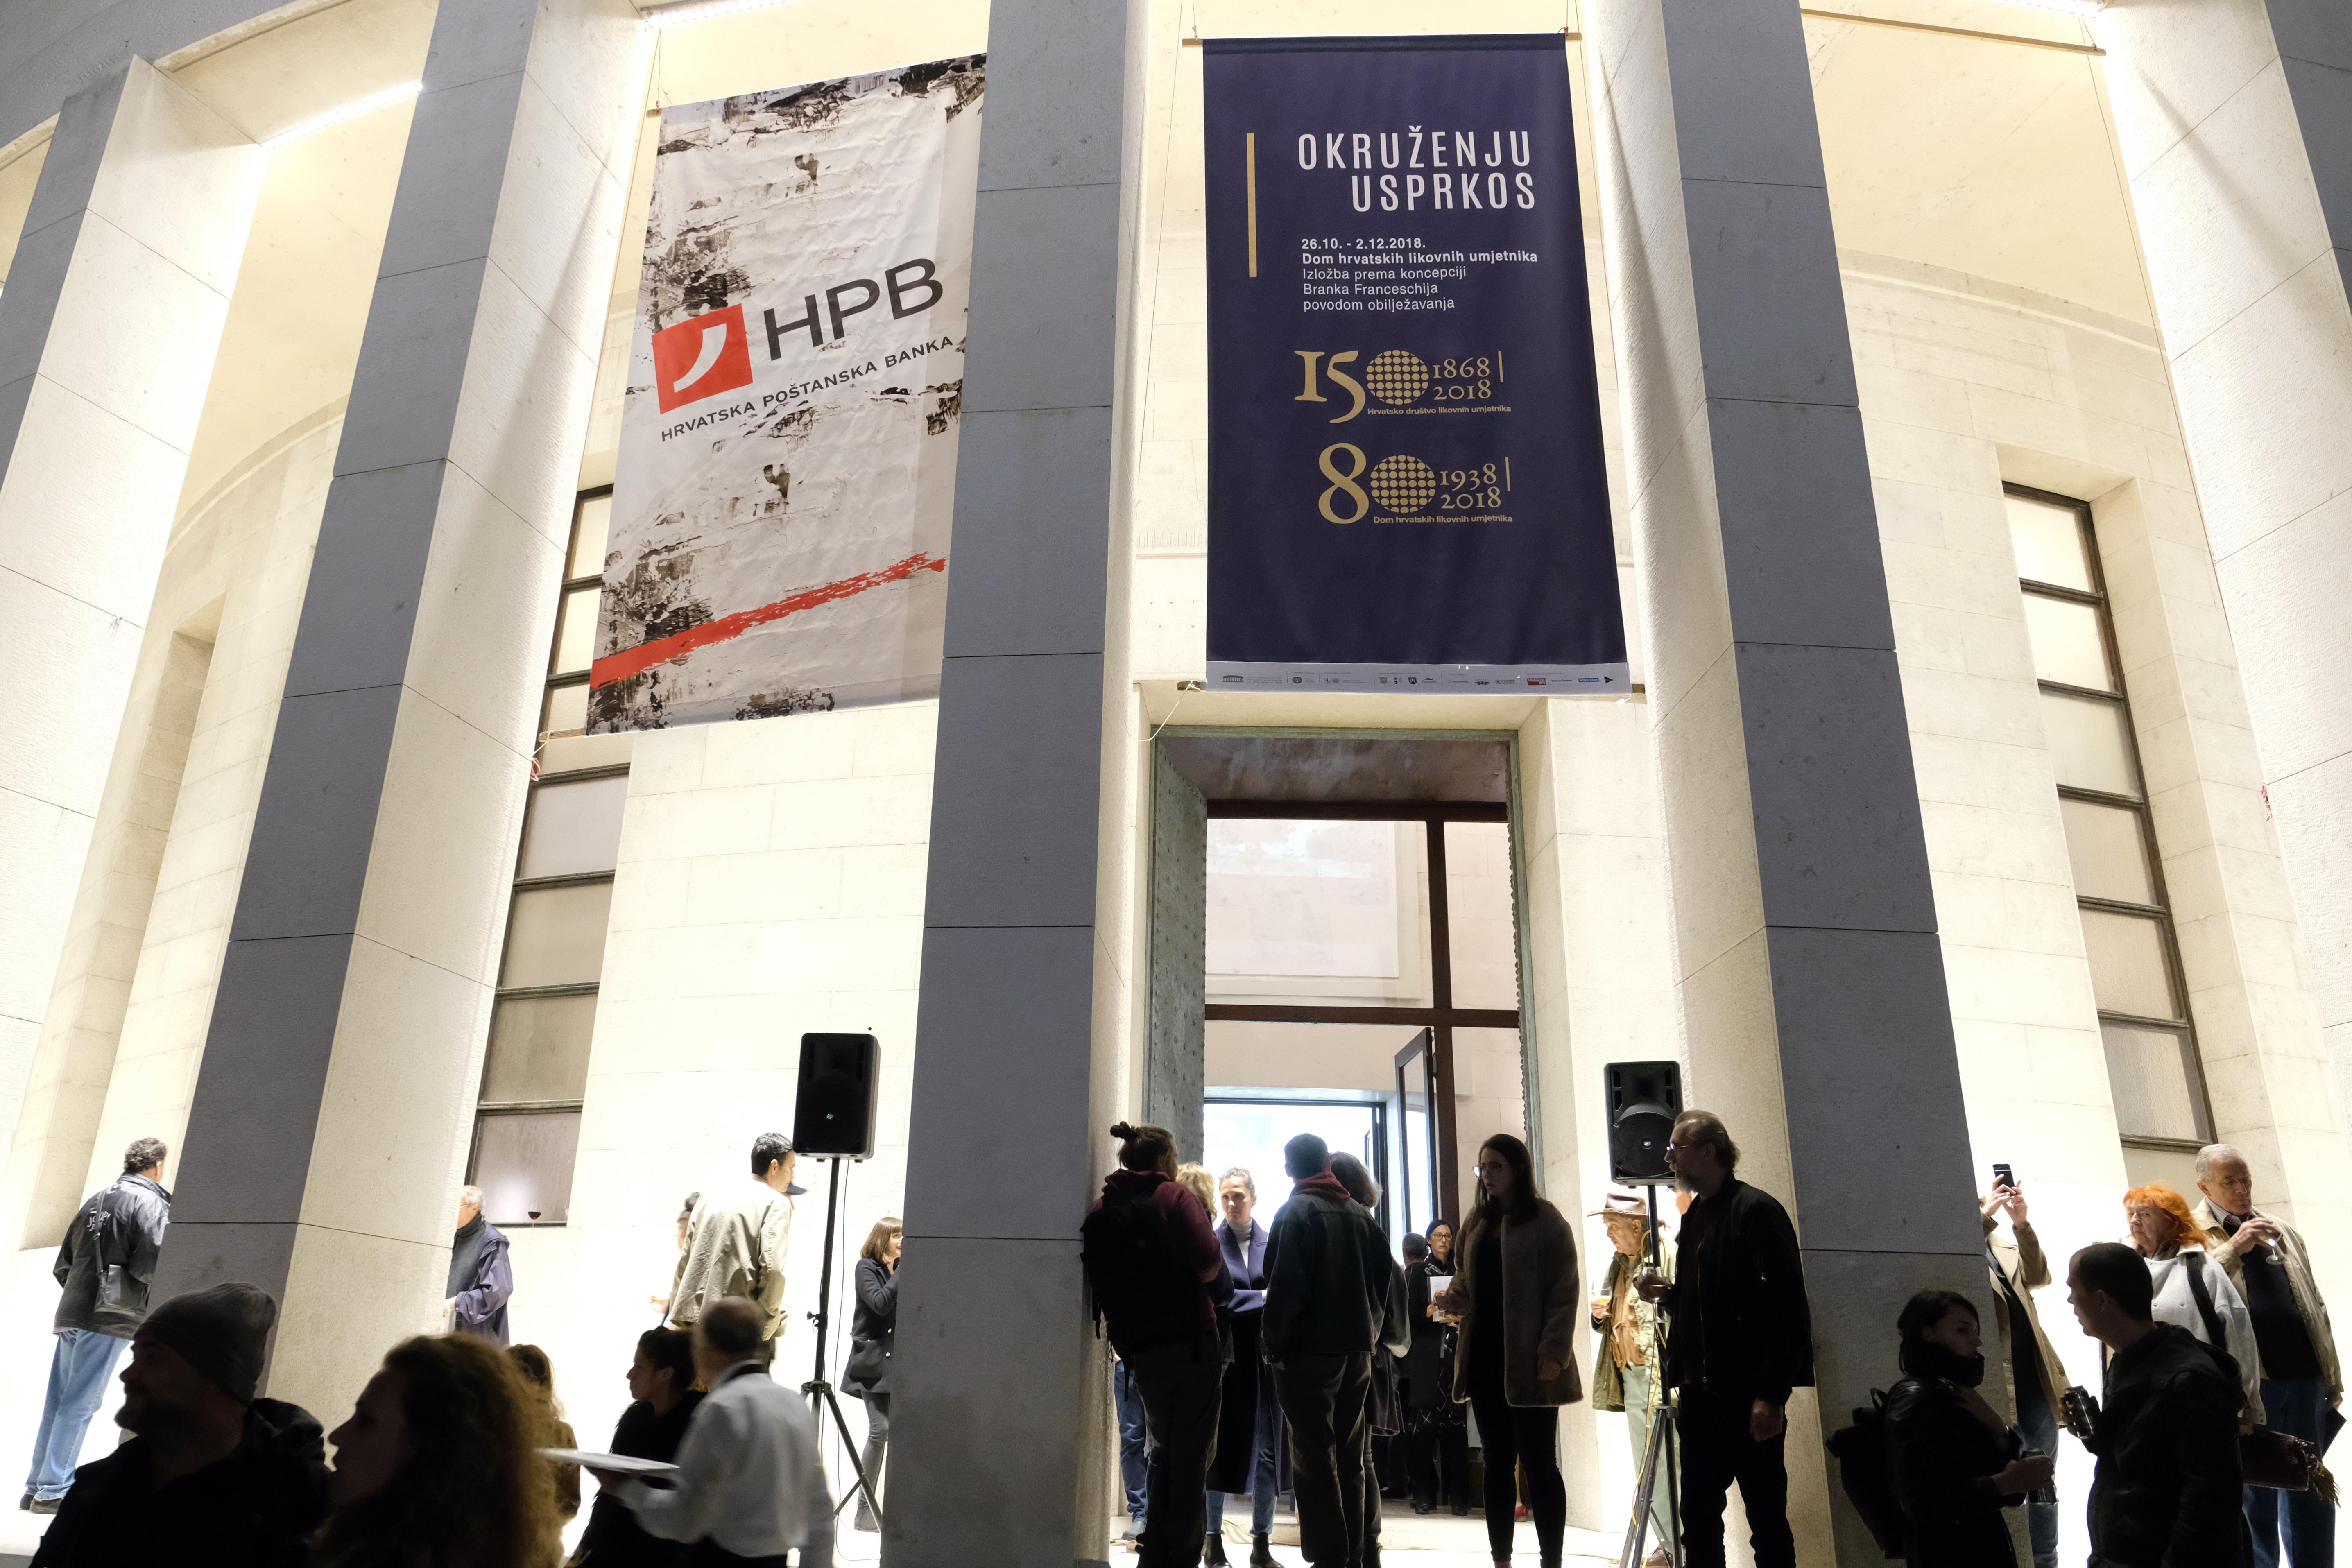 """150 godina HDLU-a: Otvorena izložba """"Okruženju usprkos"""""""